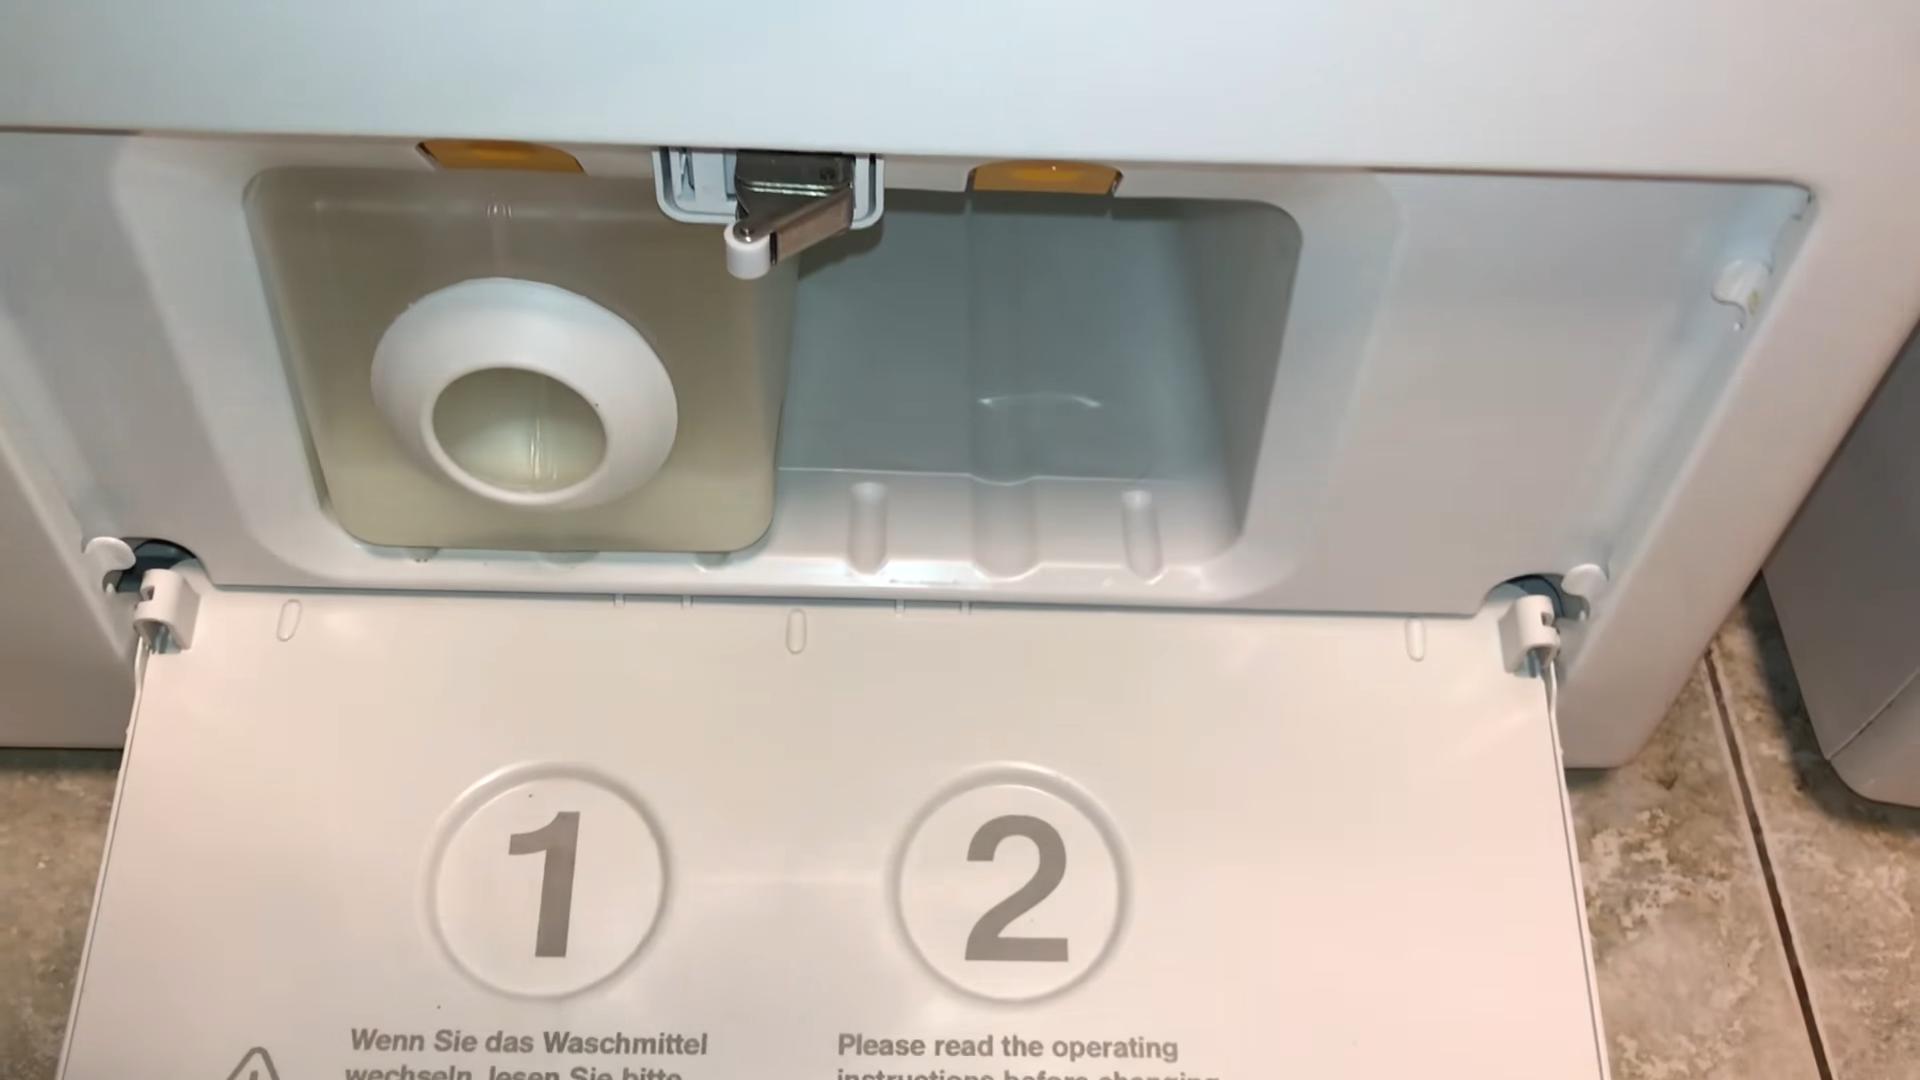 Washing Machine Gif Persona 5 Washing Machine How To